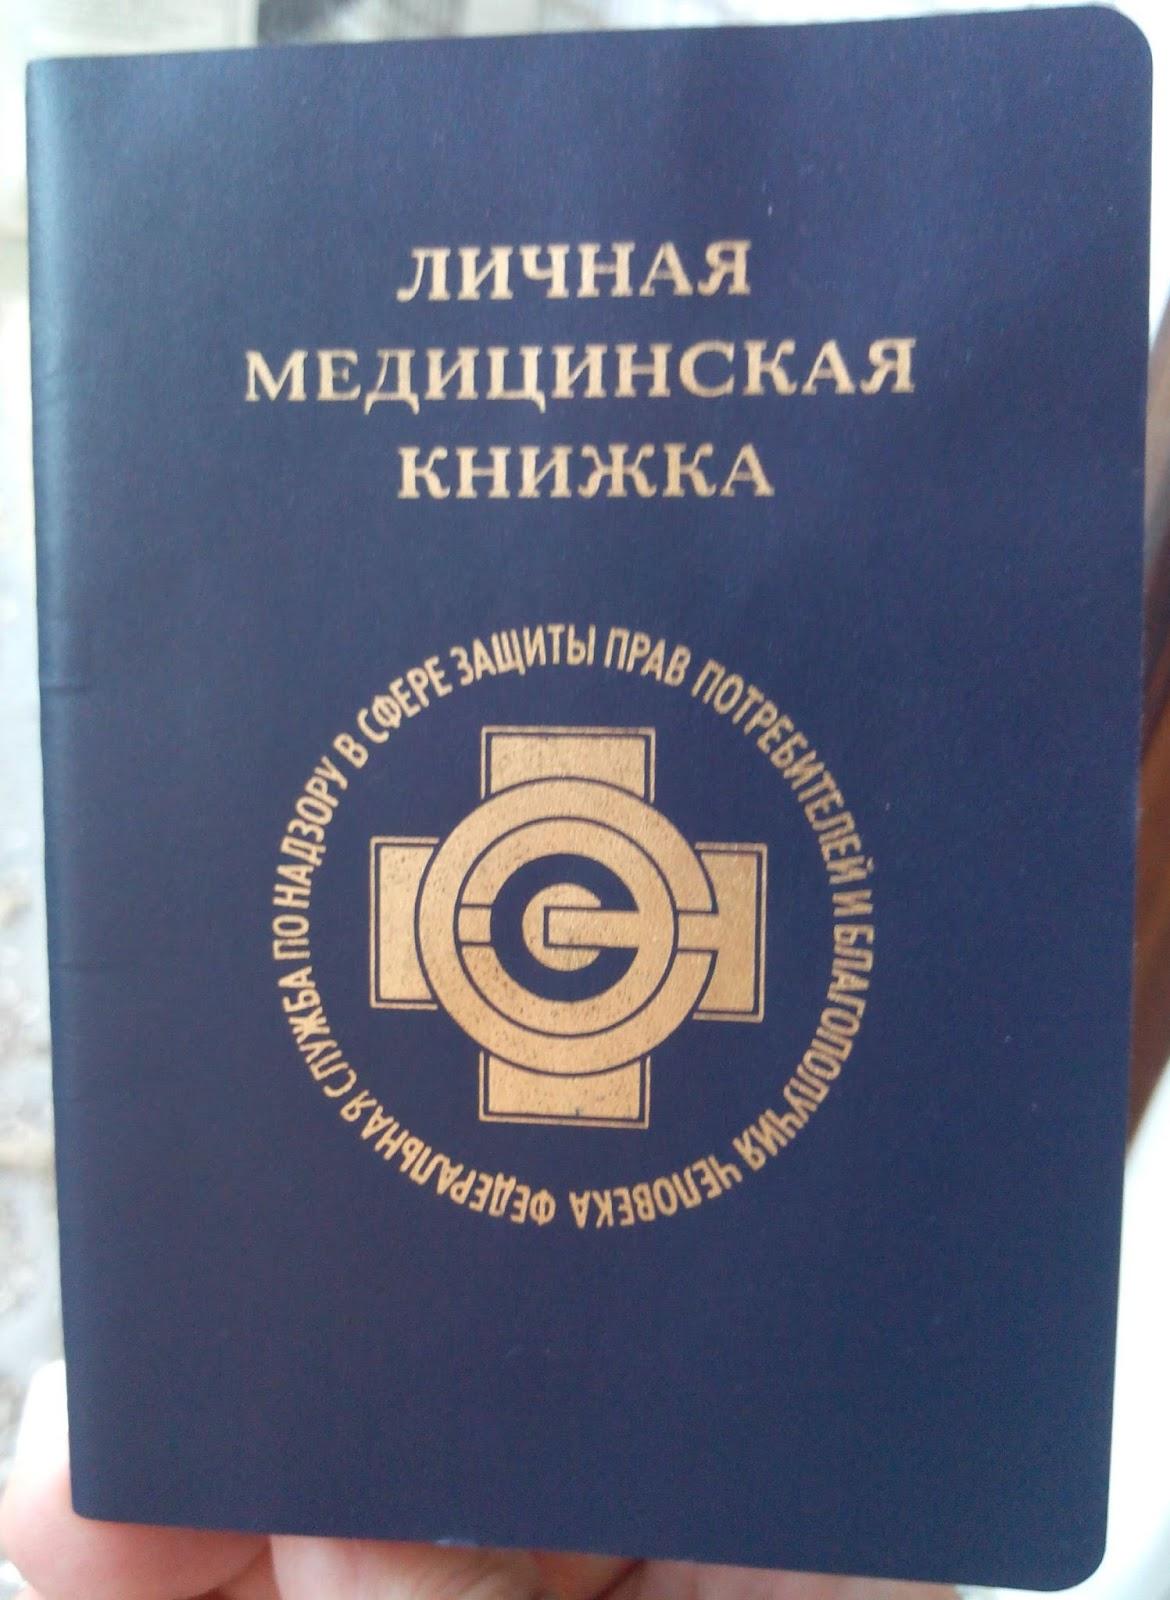 Медицинские книжки оформить в пензе оформить временную регистрацию калининград